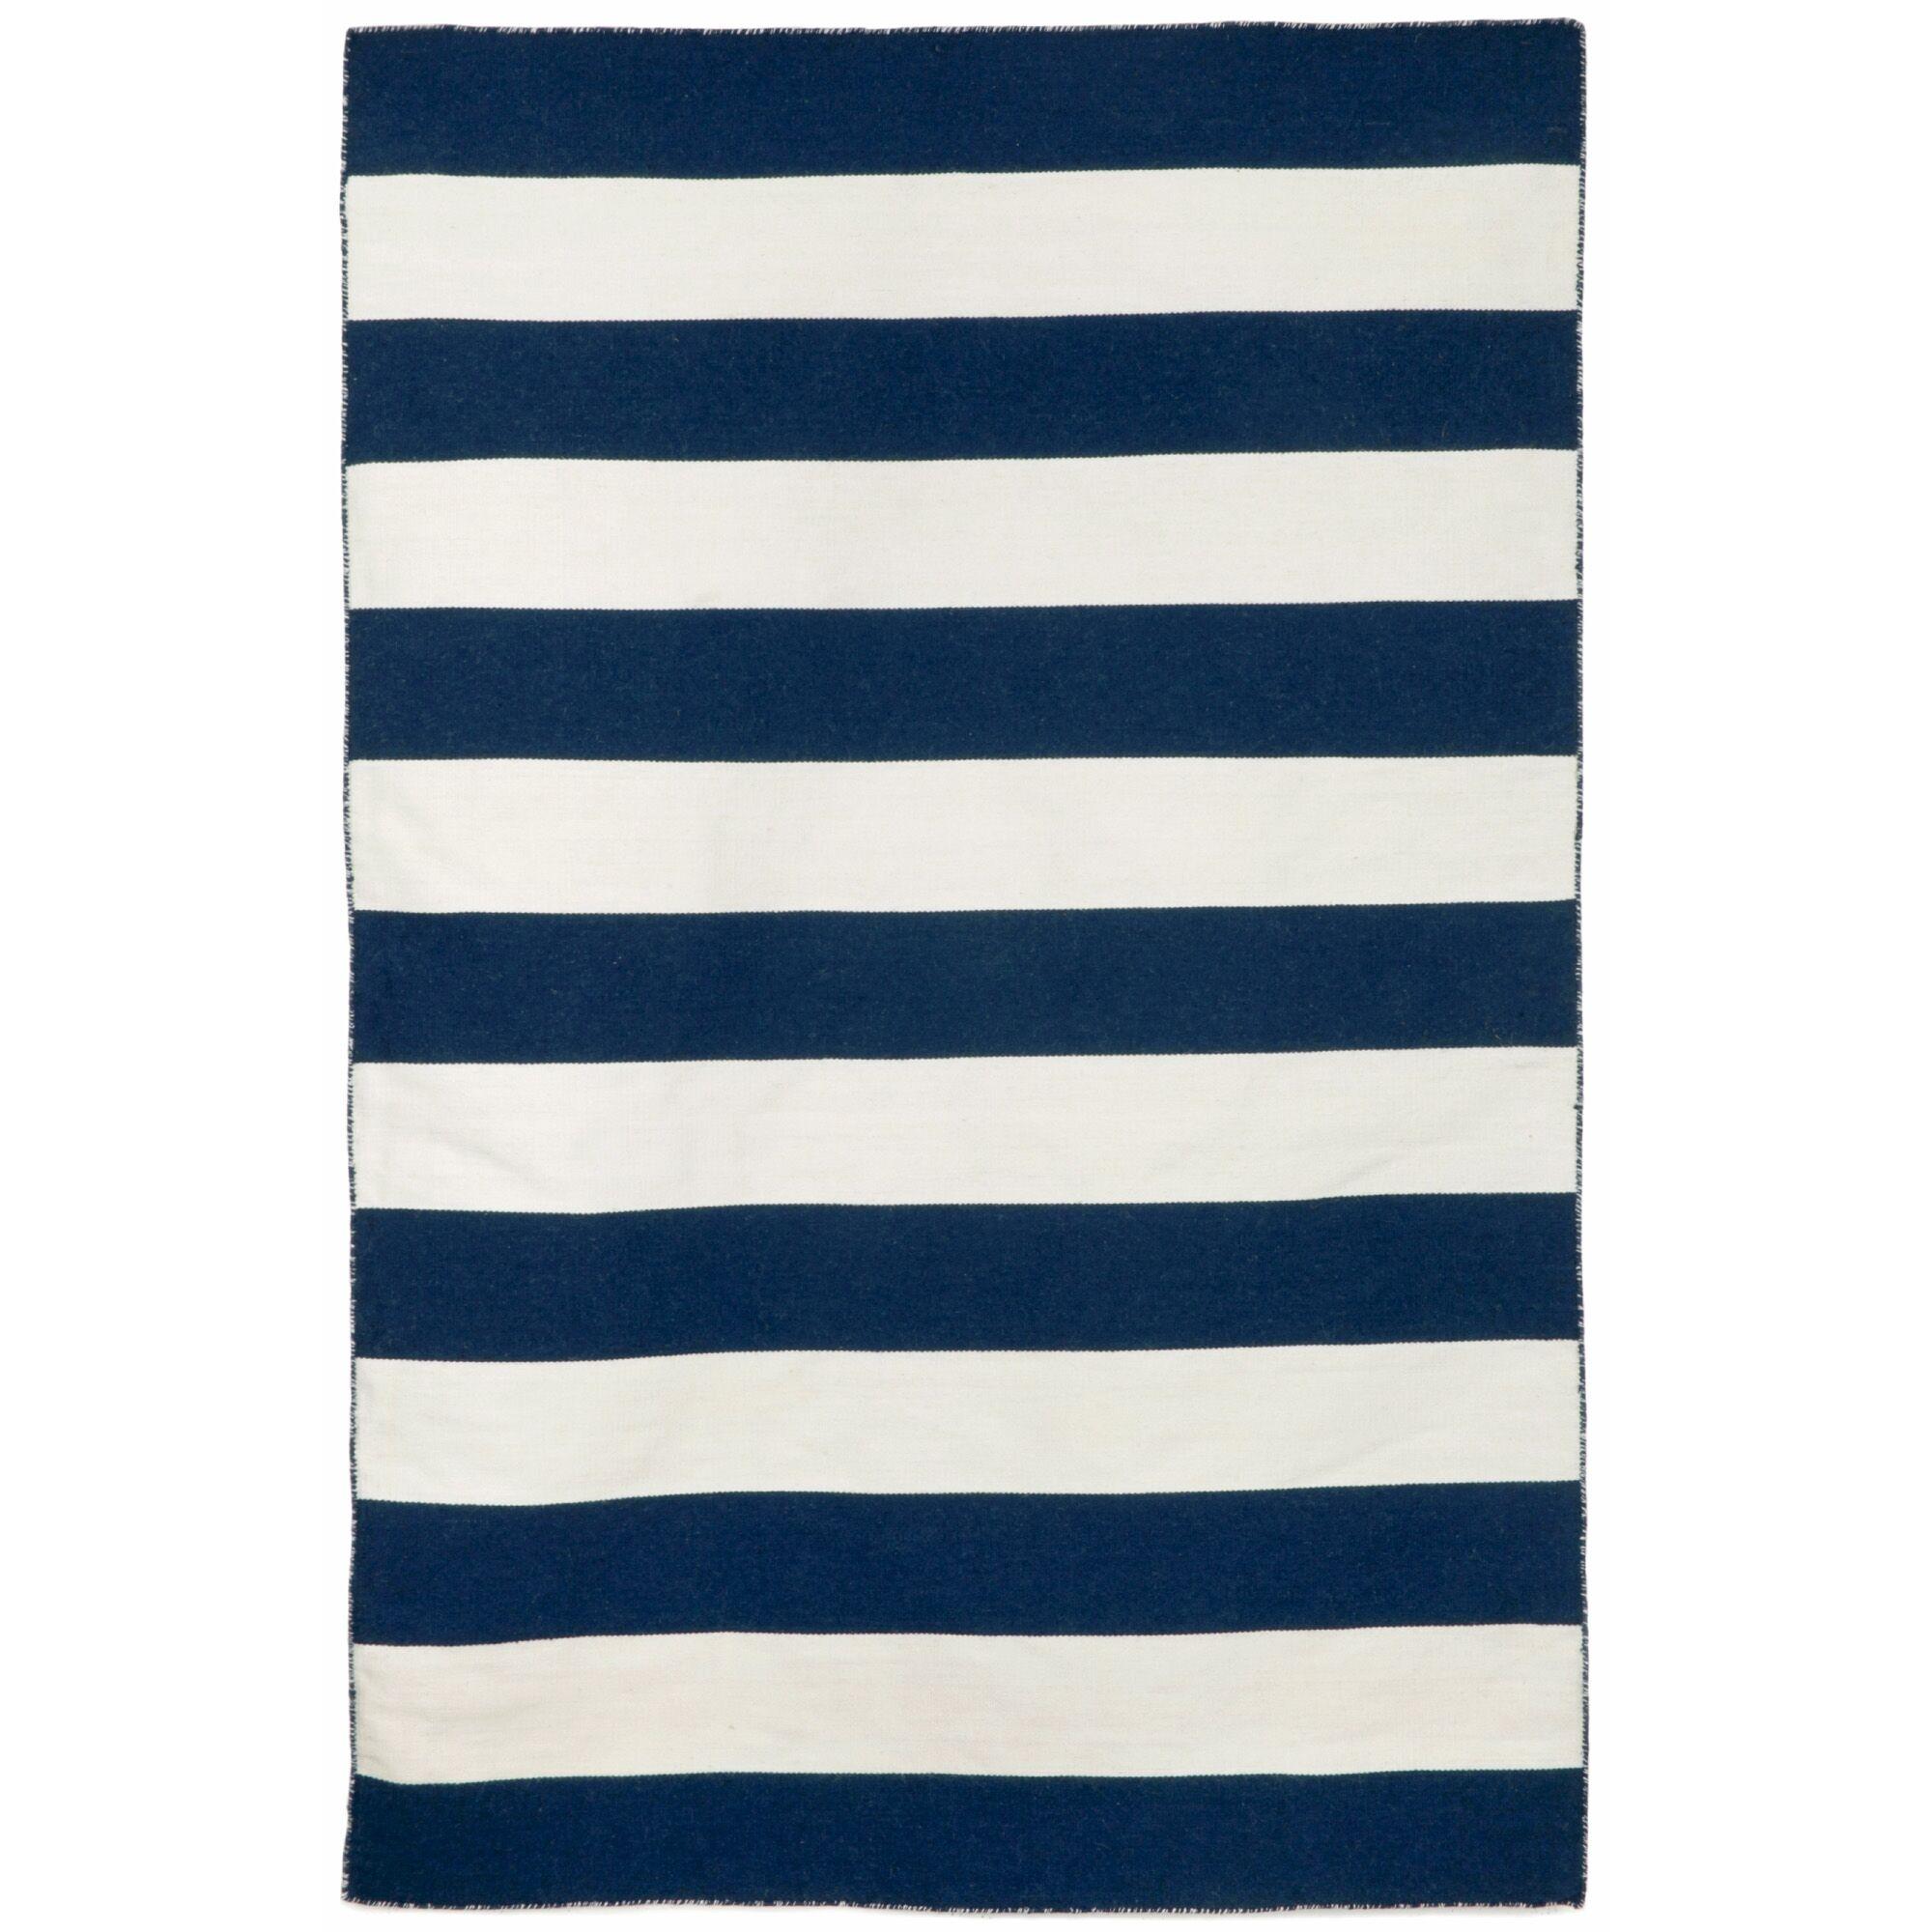 Ranier Stripe Hand-Woven Navy Indoor/Outdoor Area Rug Rug Size: Rectangle 5' x 7'6